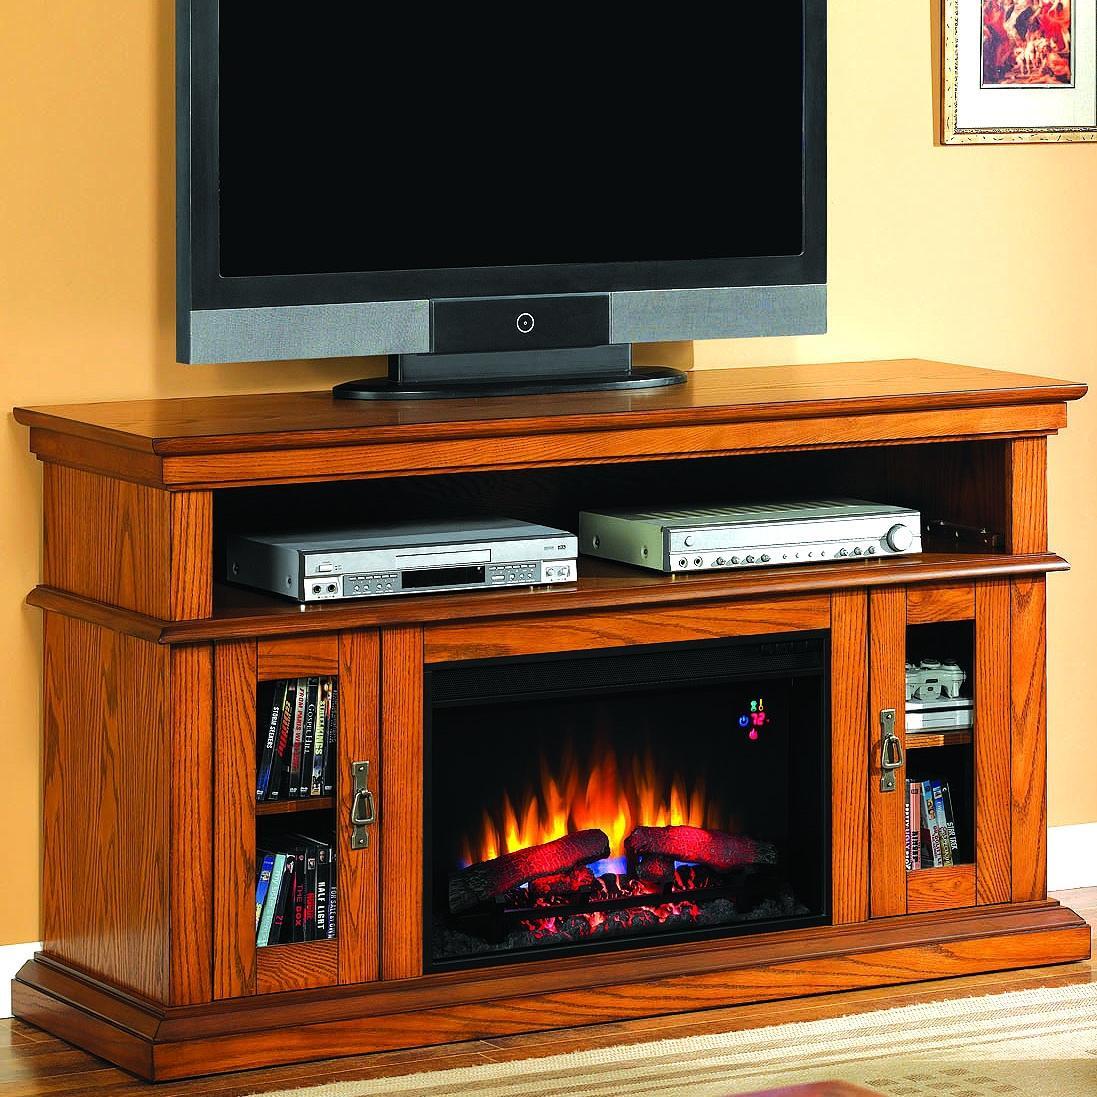 Brookfield 60-inch Electric Fireplace Media Console - Premium Oak - 26mm2209